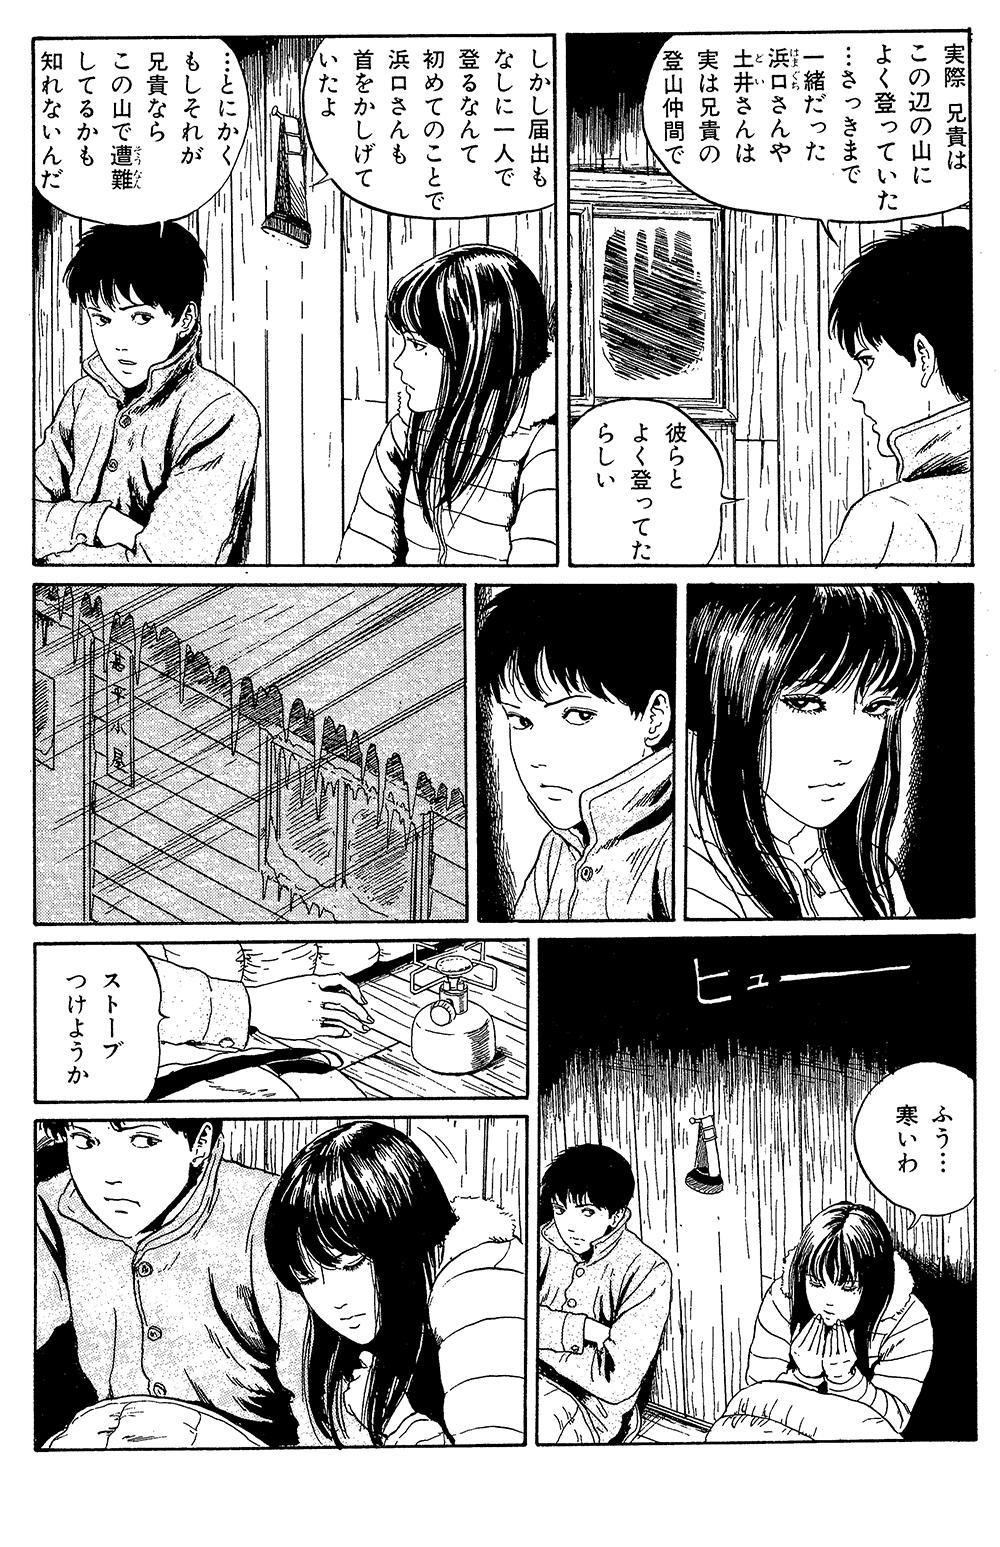 伊藤潤二傑作集 第7話「富江・復讐」2itouj24-0298.jpg